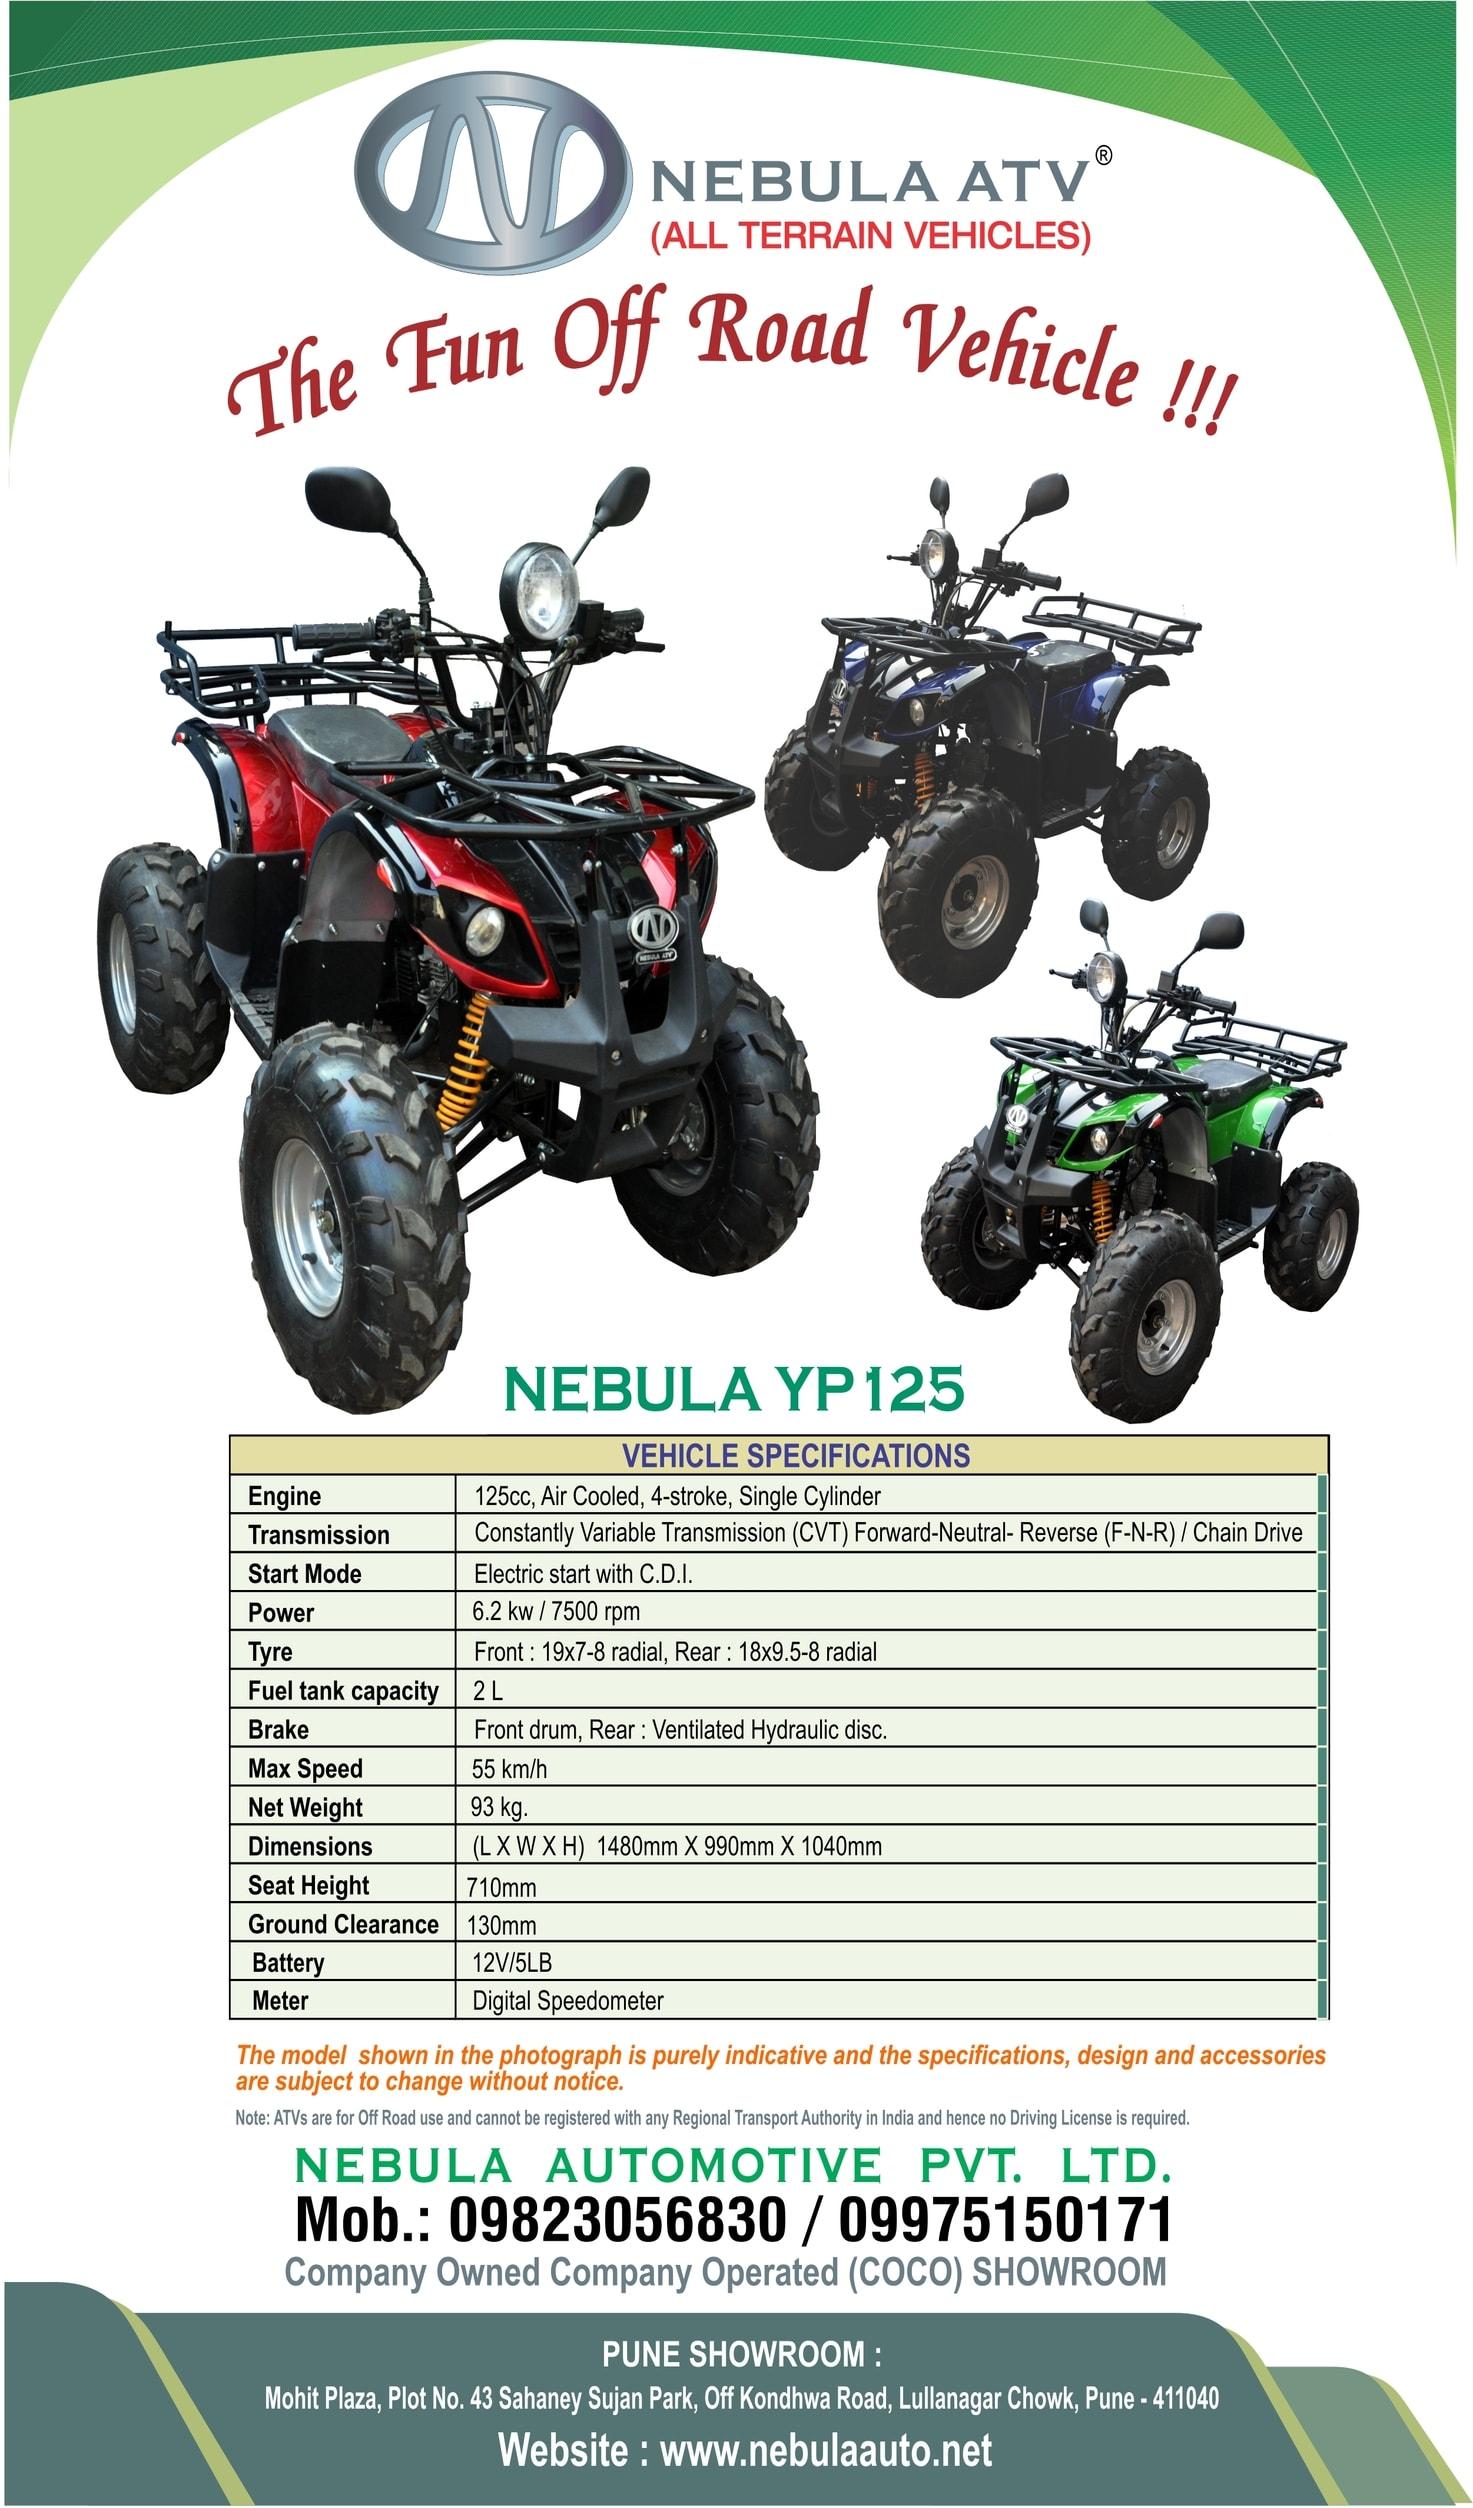 Nebula Automotive – ATV Dealer in India - ATVs, quad bikes